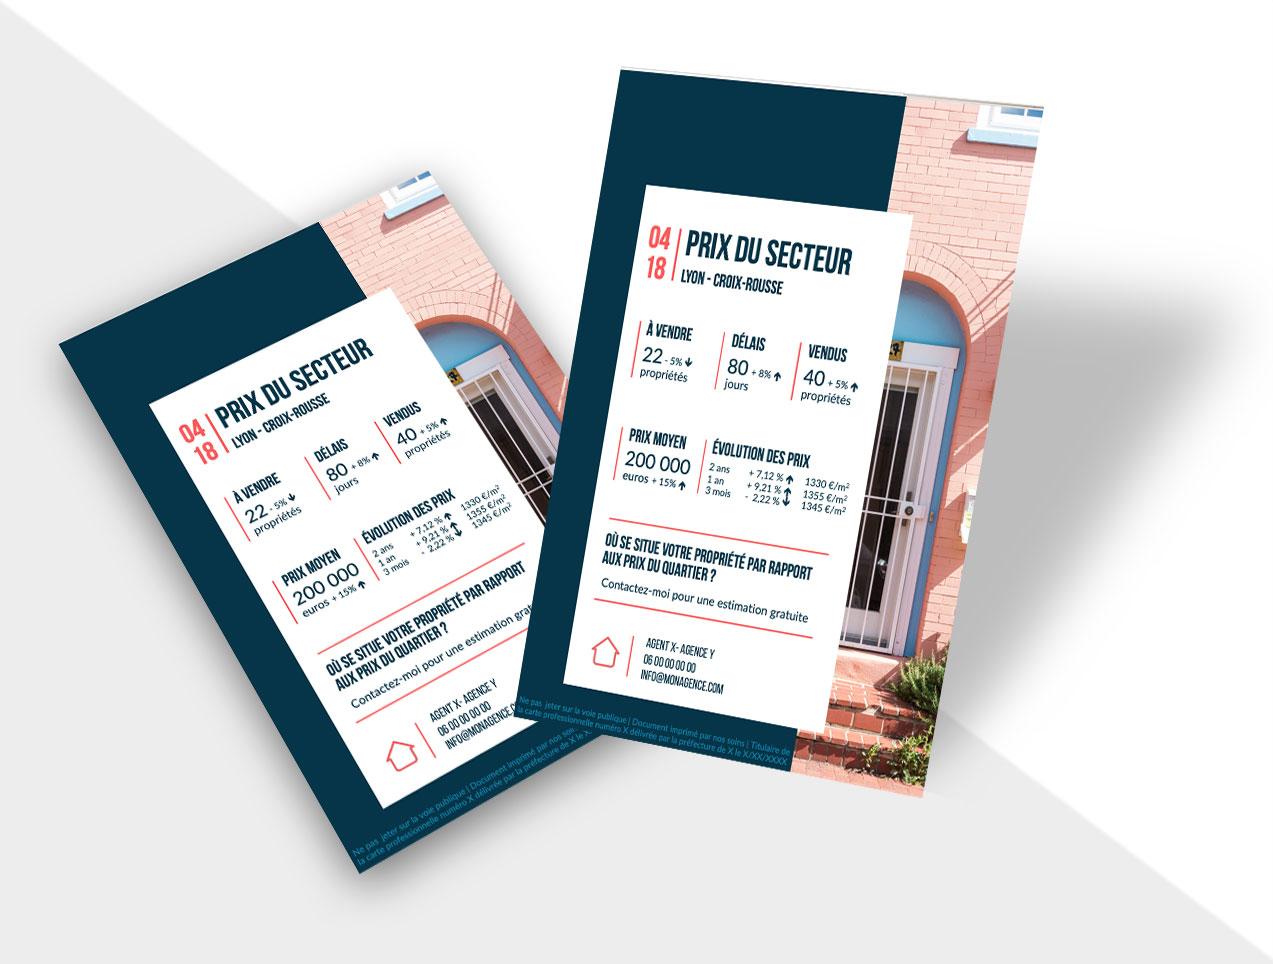 flyers immobilier - prix du marché illustration d'inspiration